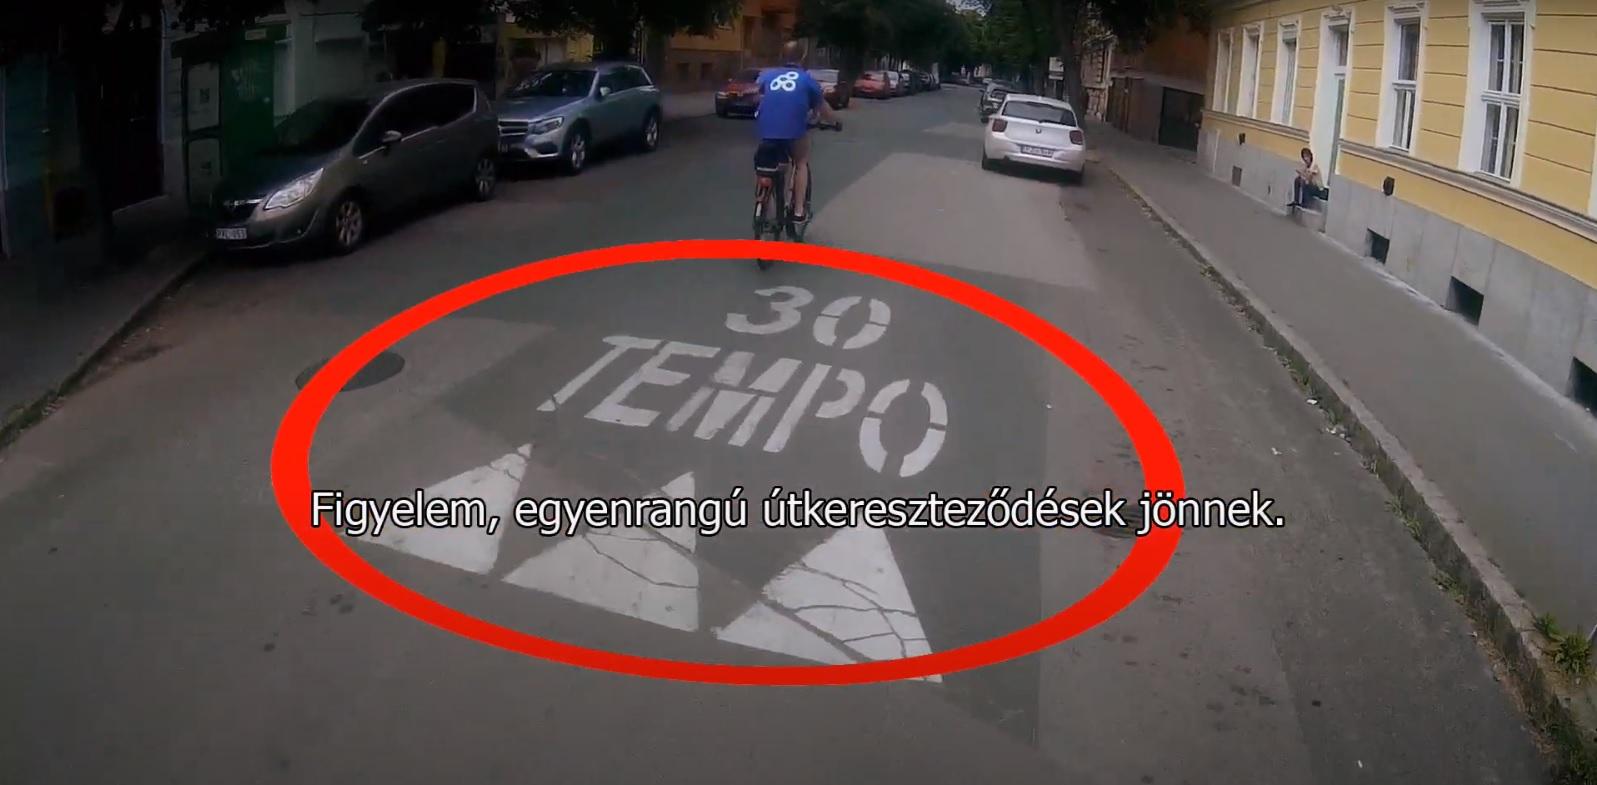 Virtuális Bebiciklizés: Videók és térkép a forgalomban kerékpározáshoz